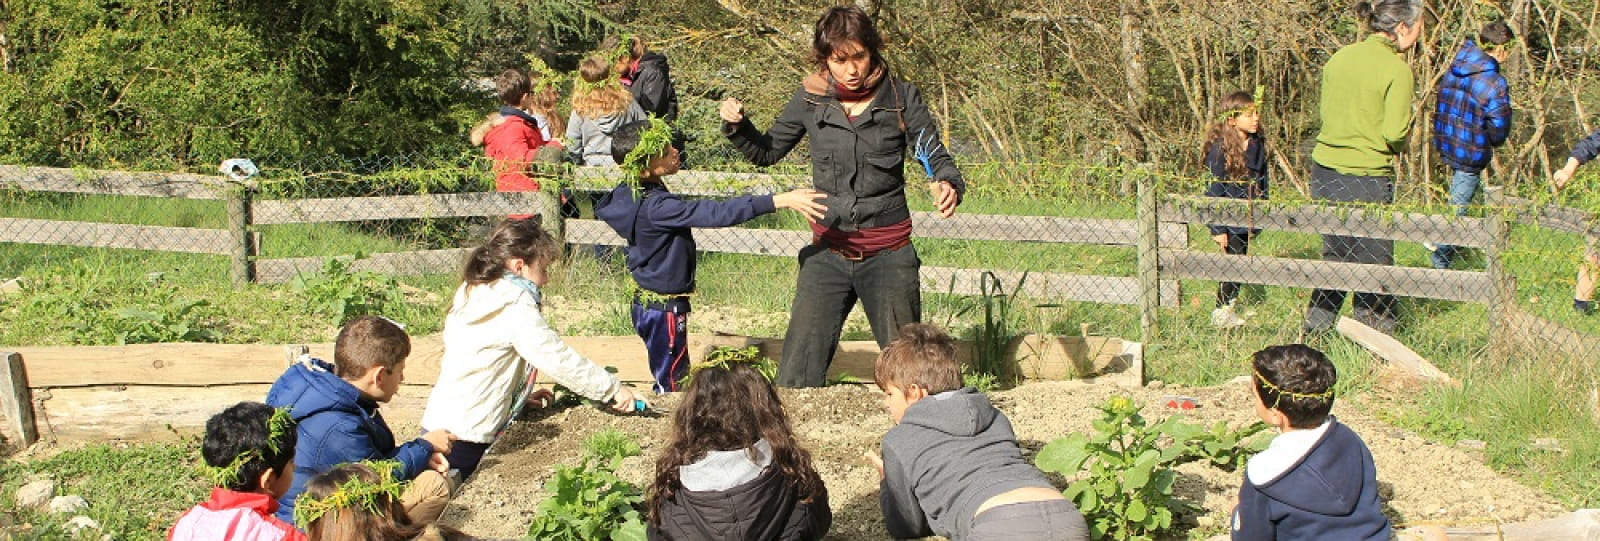 Classe découverte jardin pédagogique iddj drome